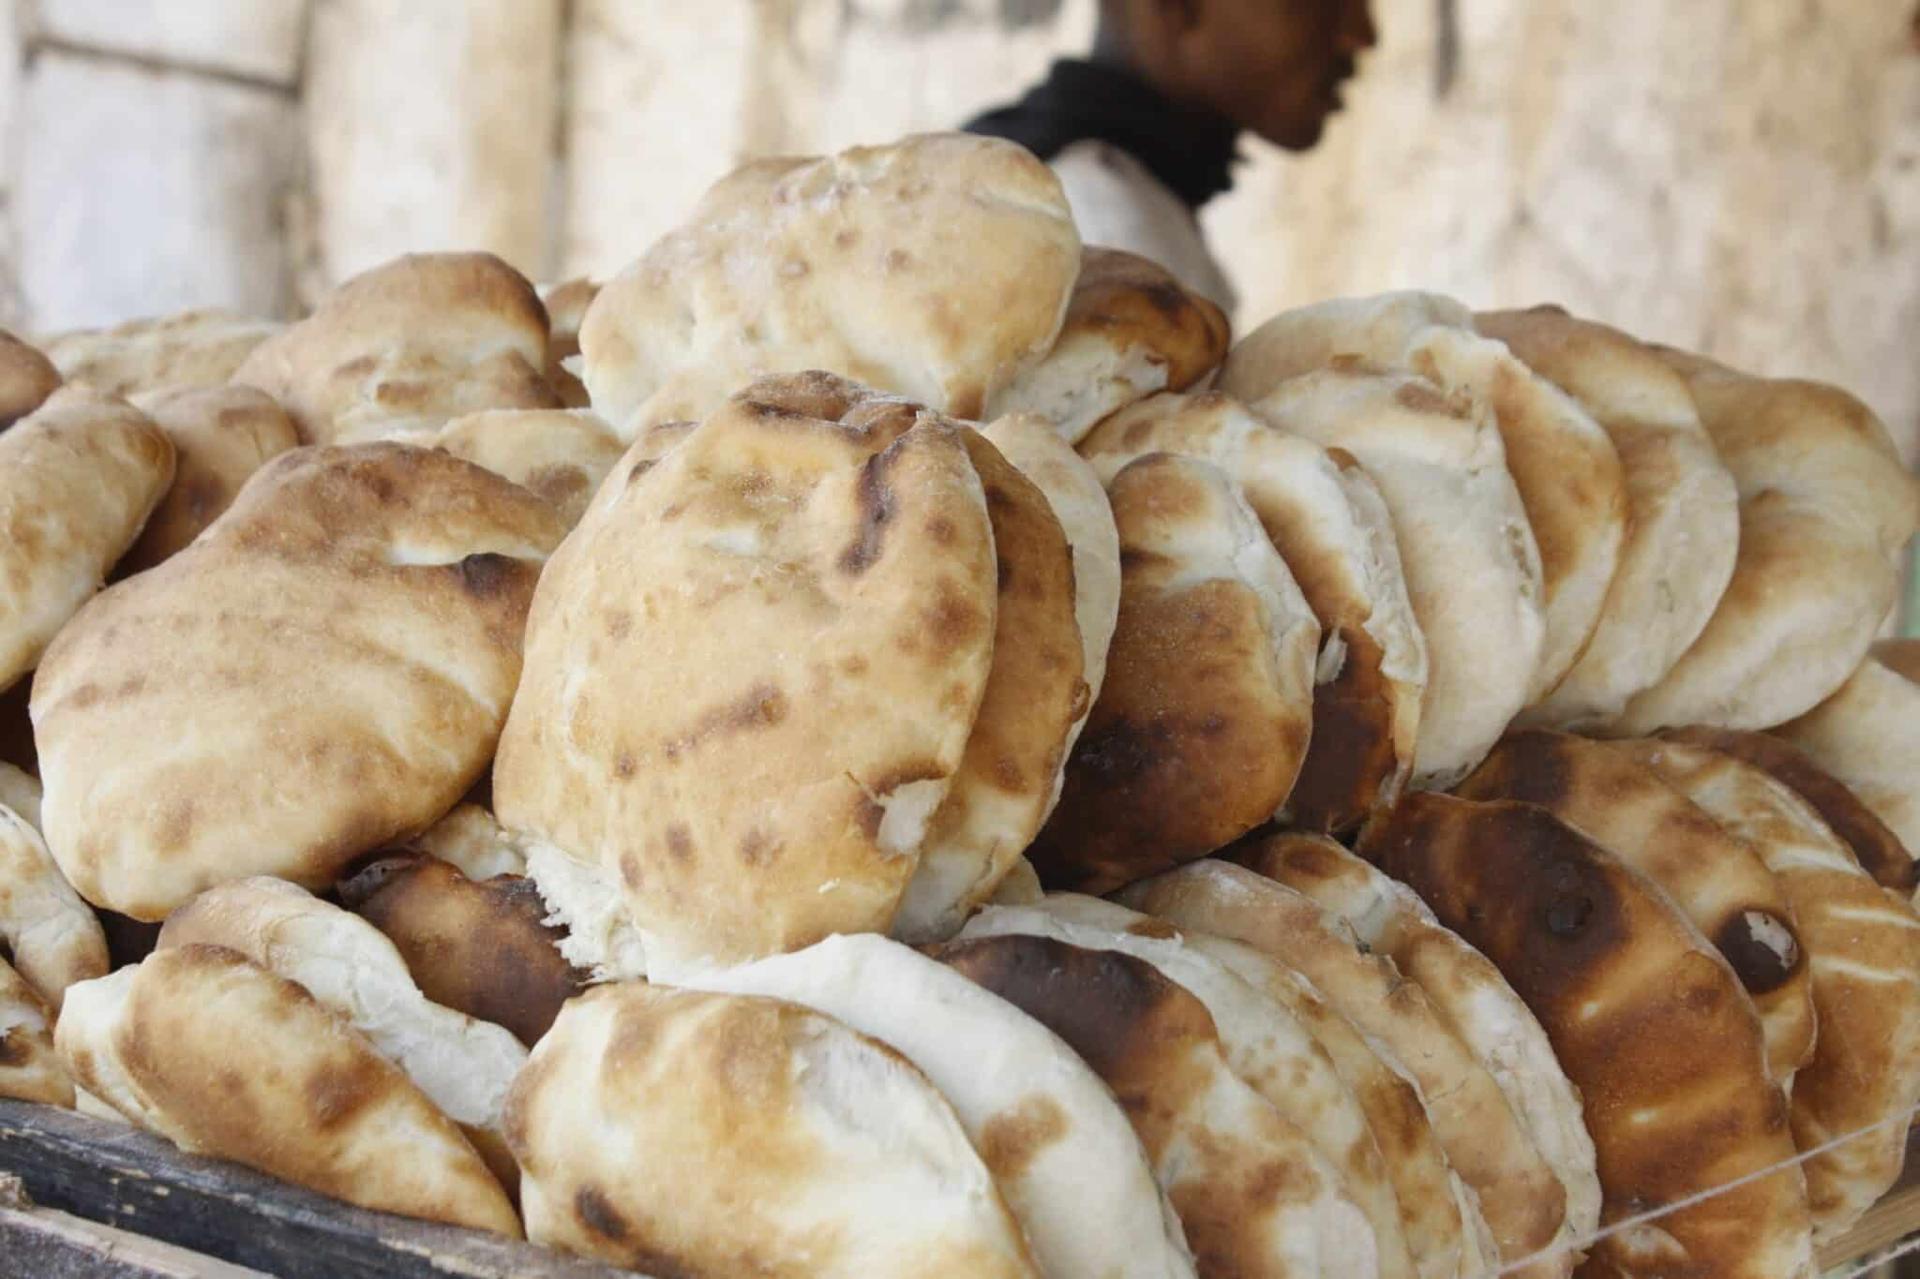 الغرامة 50 ألف جنيه لصاحب مخبز في مدني